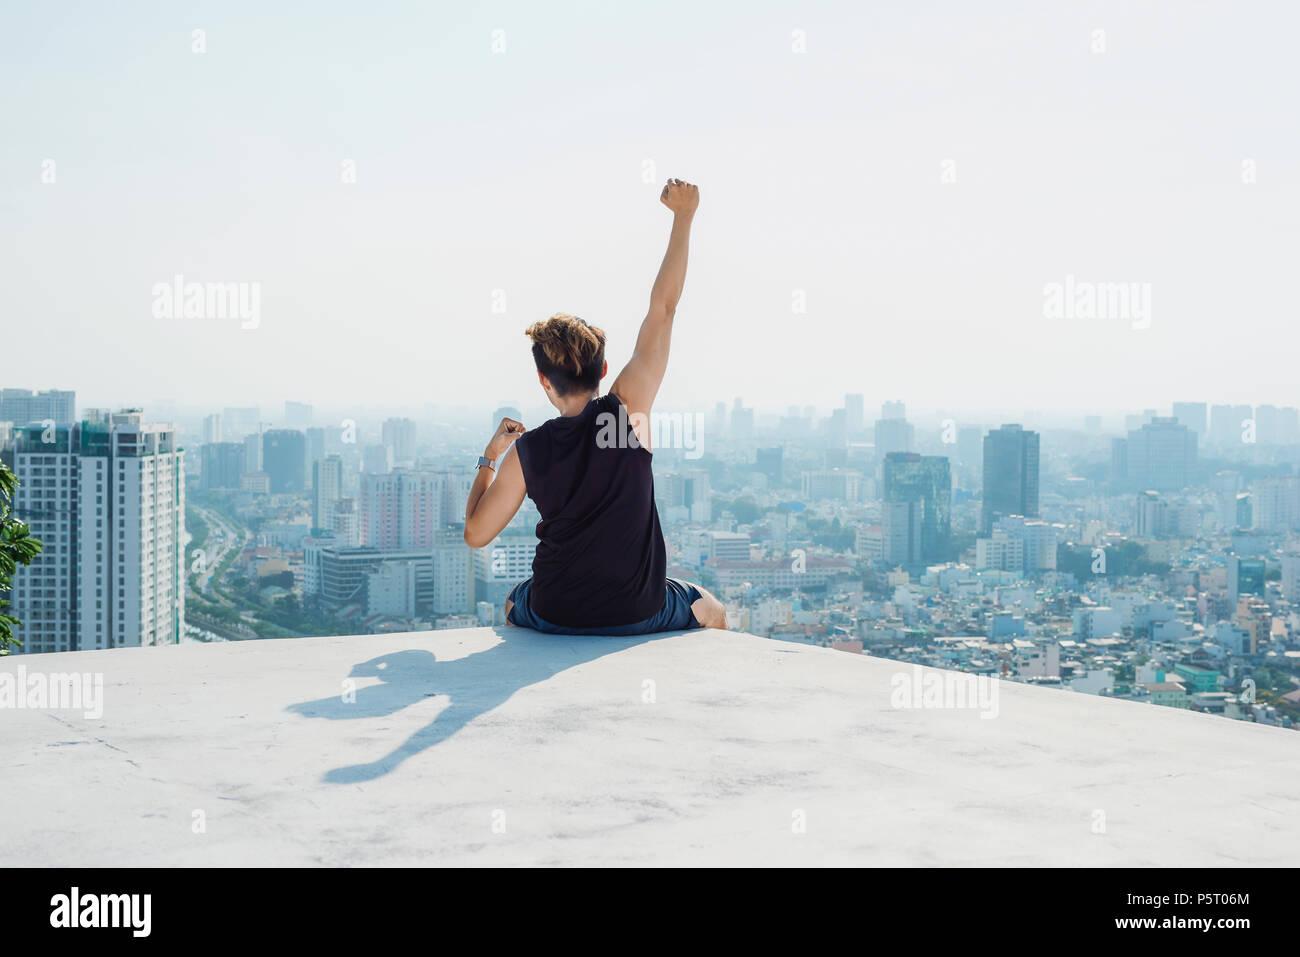 Hombre sentado en el techo negro y mostrar la mano con fondo de cielo azul y sol,luchando contra el hombre en el techo Foto de stock